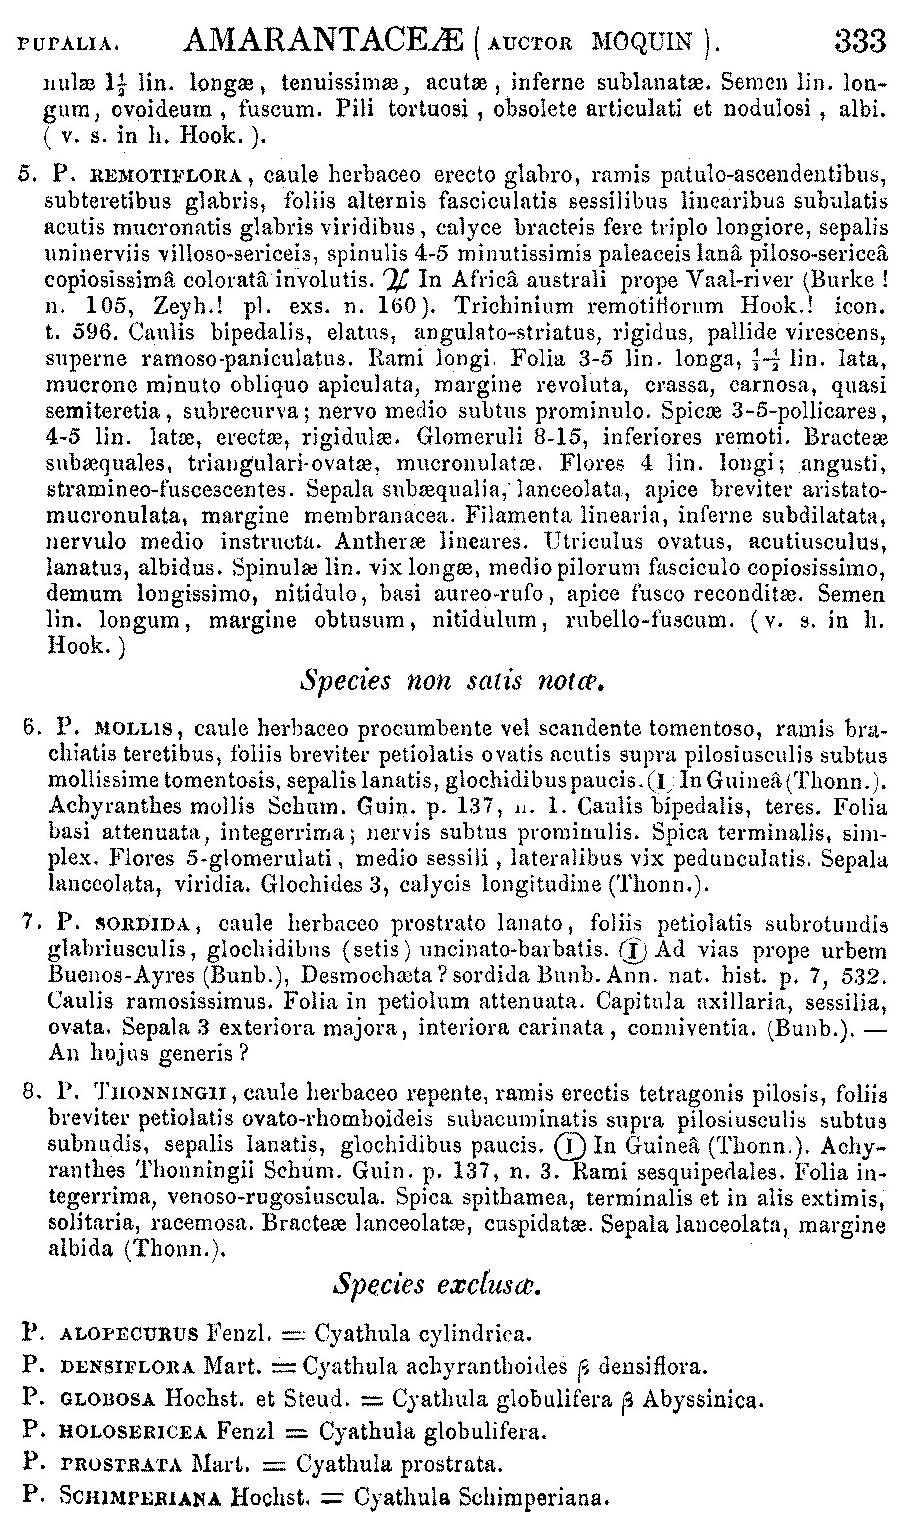 https://forum.plantarium.ru/misc.php?action=pun_attachment&item=28464